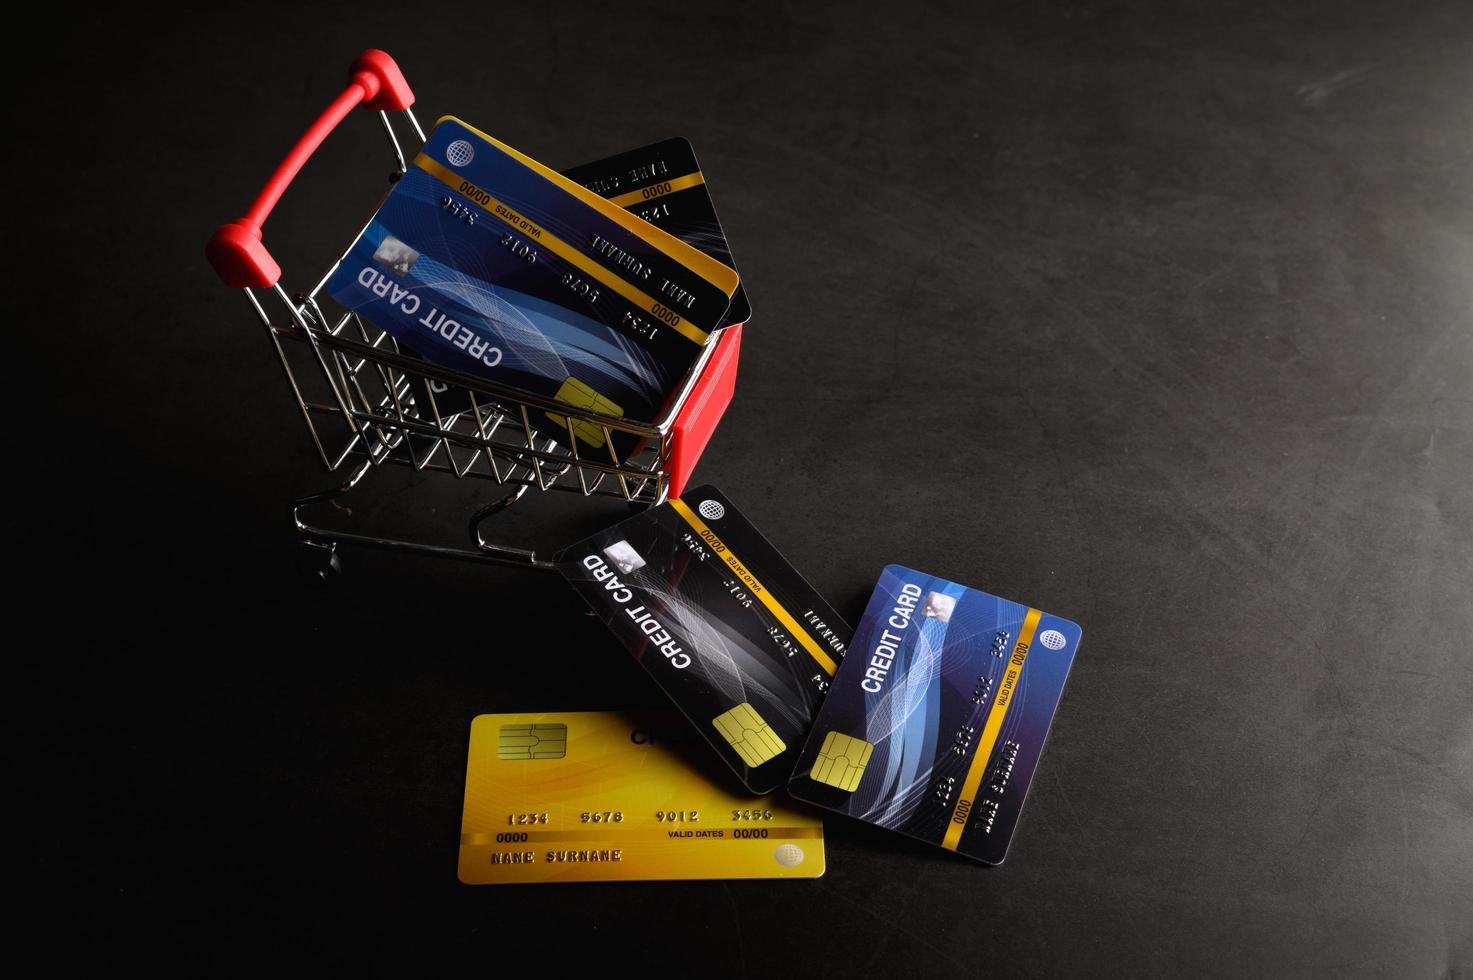 Kreditkarten auf einem Einkaufswagen foto